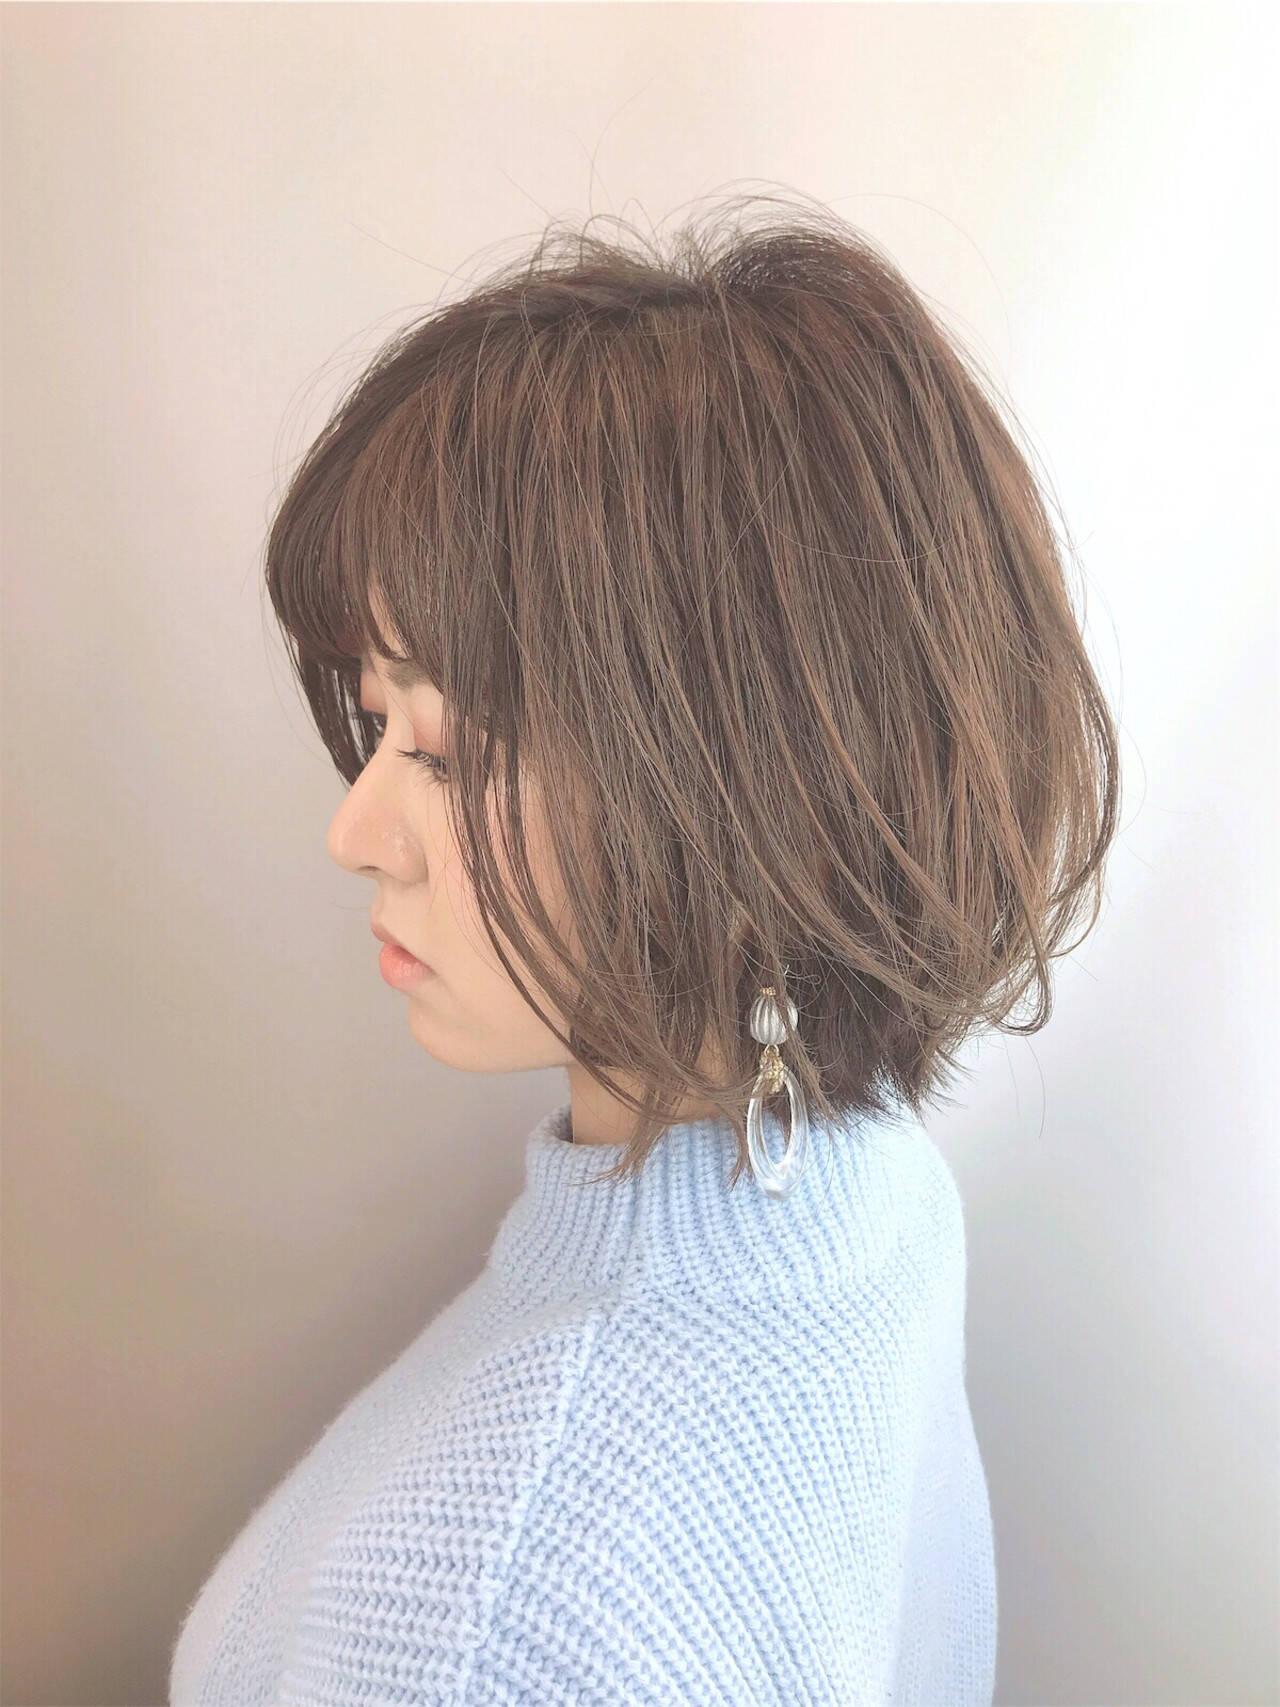 小顔 大人グラボブ コンサバ 美シルエットヘアスタイルや髪型の写真・画像